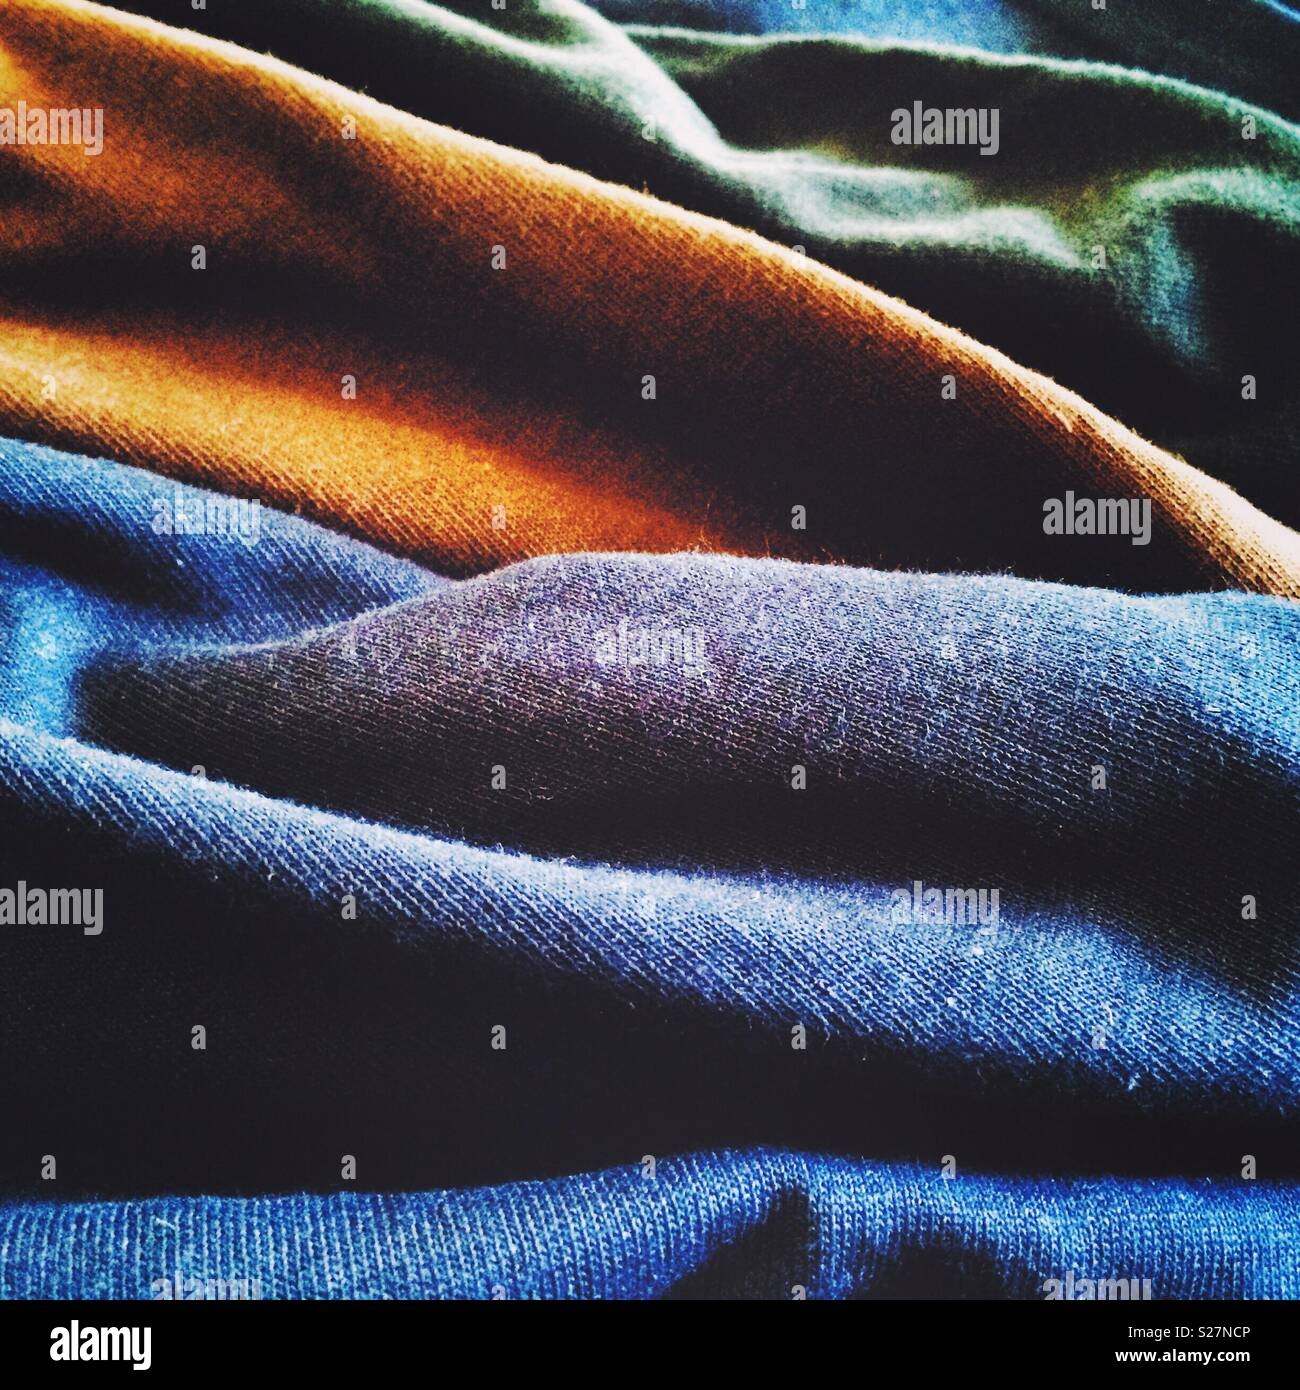 Luce e ombra creano onde di tessuto colorato Immagini Stock